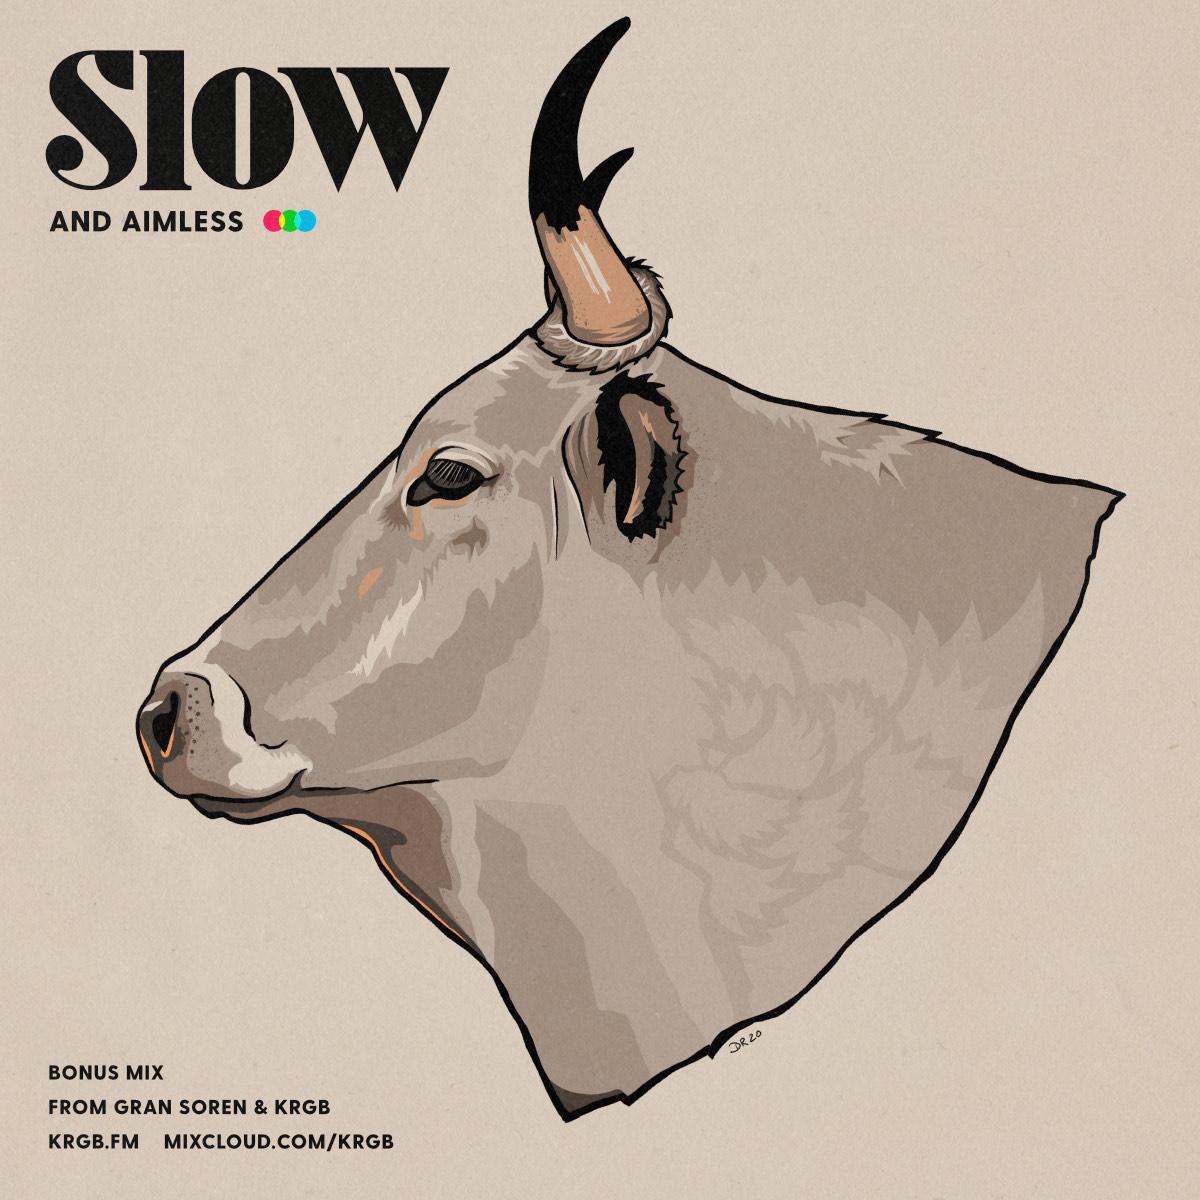 Slow mix show art